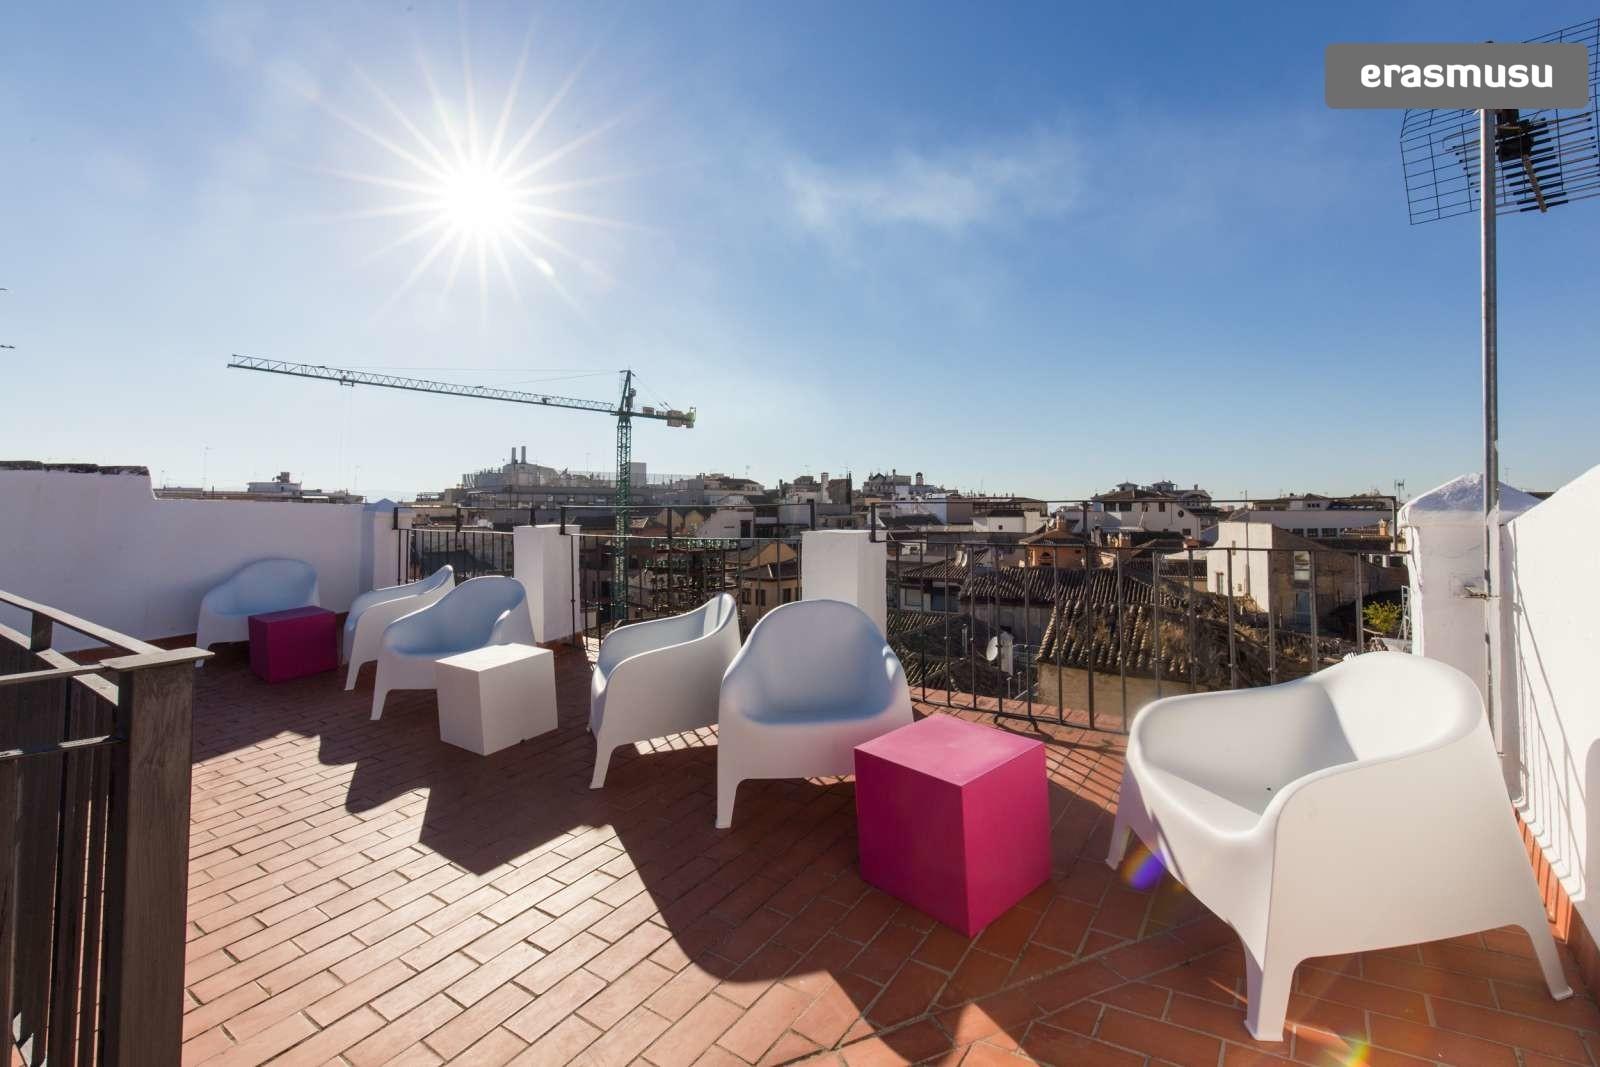 colourful-studio-apartment-rent-city-centre-cee5211ca3c33fc58c4b